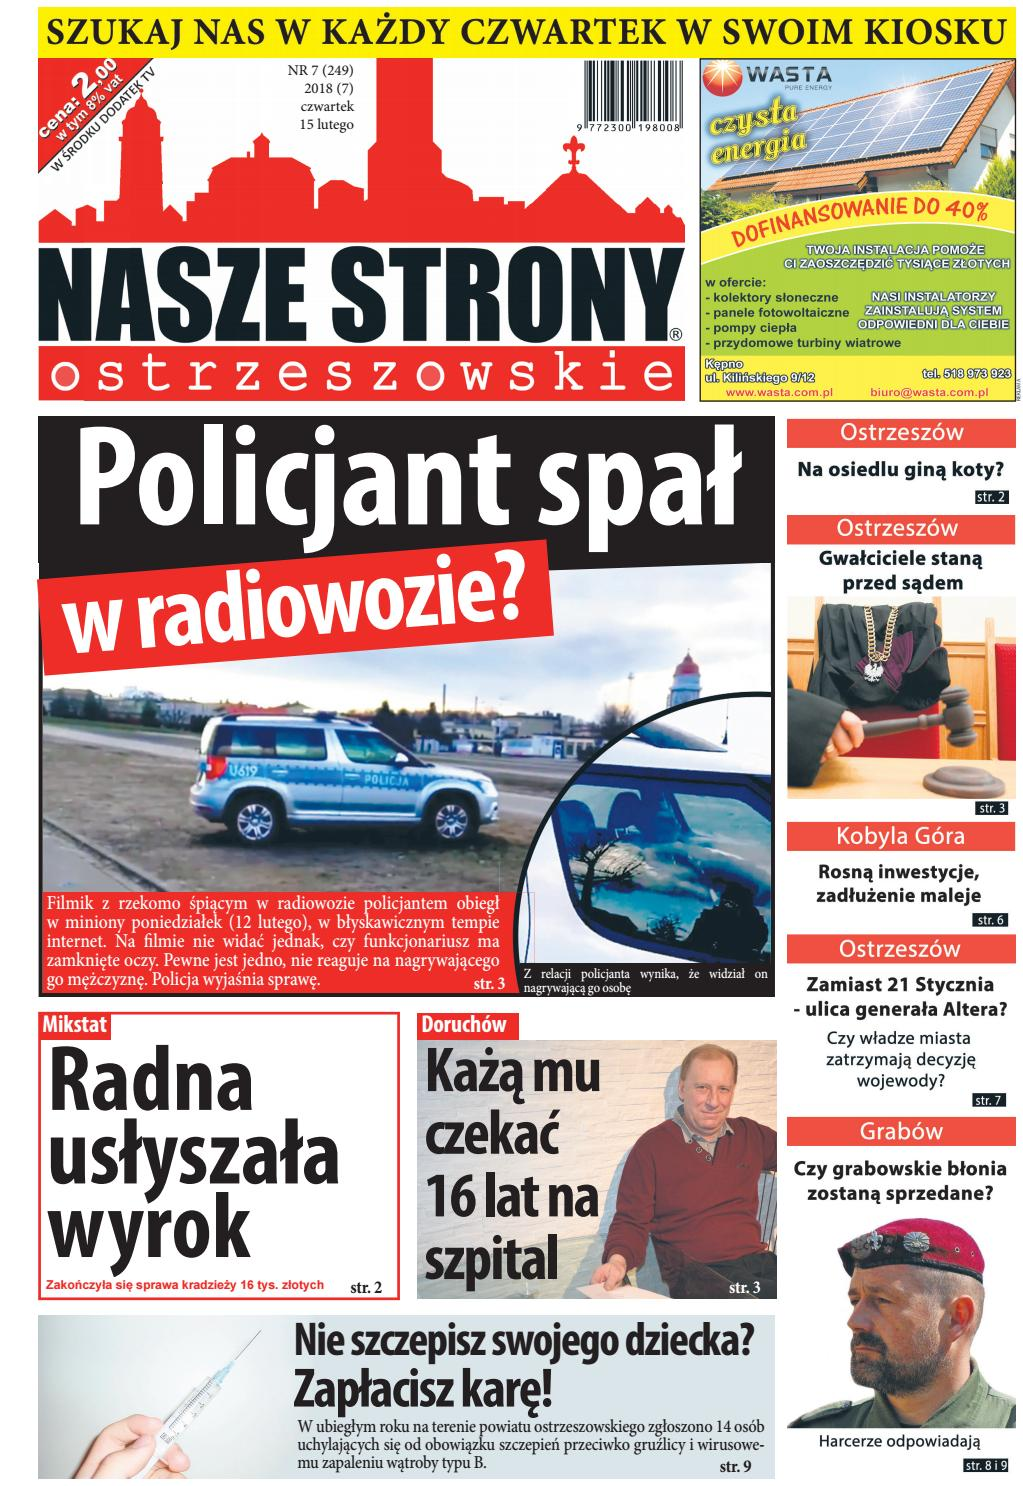 Kobiety, Mikstat, wielkopolskie, Polska, 20-30 lat | karpetkingdc.com